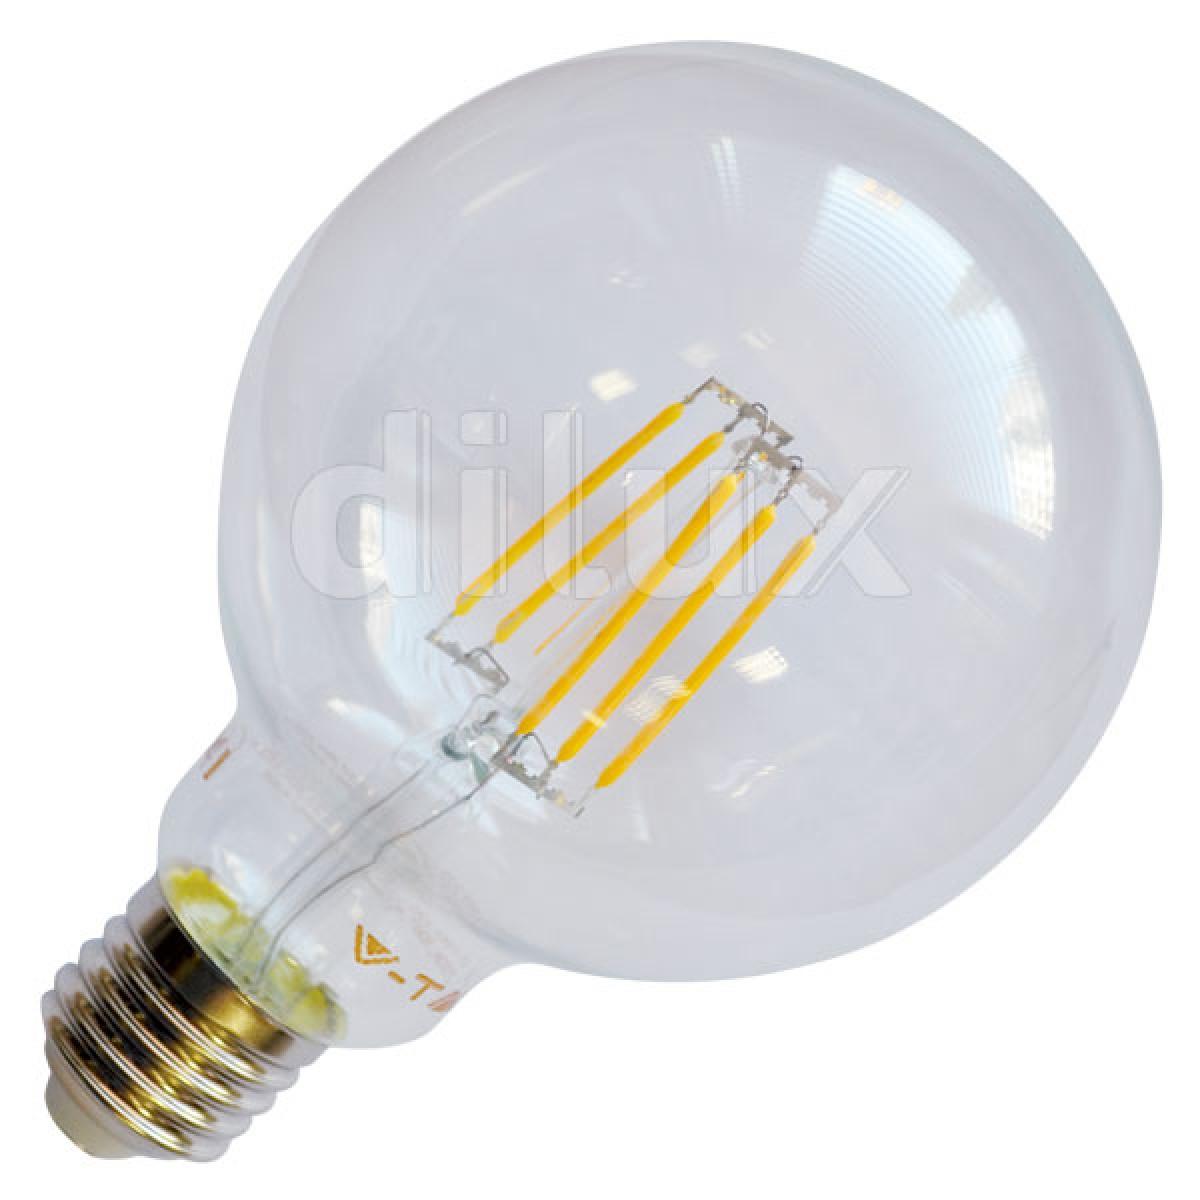 lampadina globo led : Home / V-Tac VT-1983 Lampada LED Globo Filamento E27 6W - SKU 4304